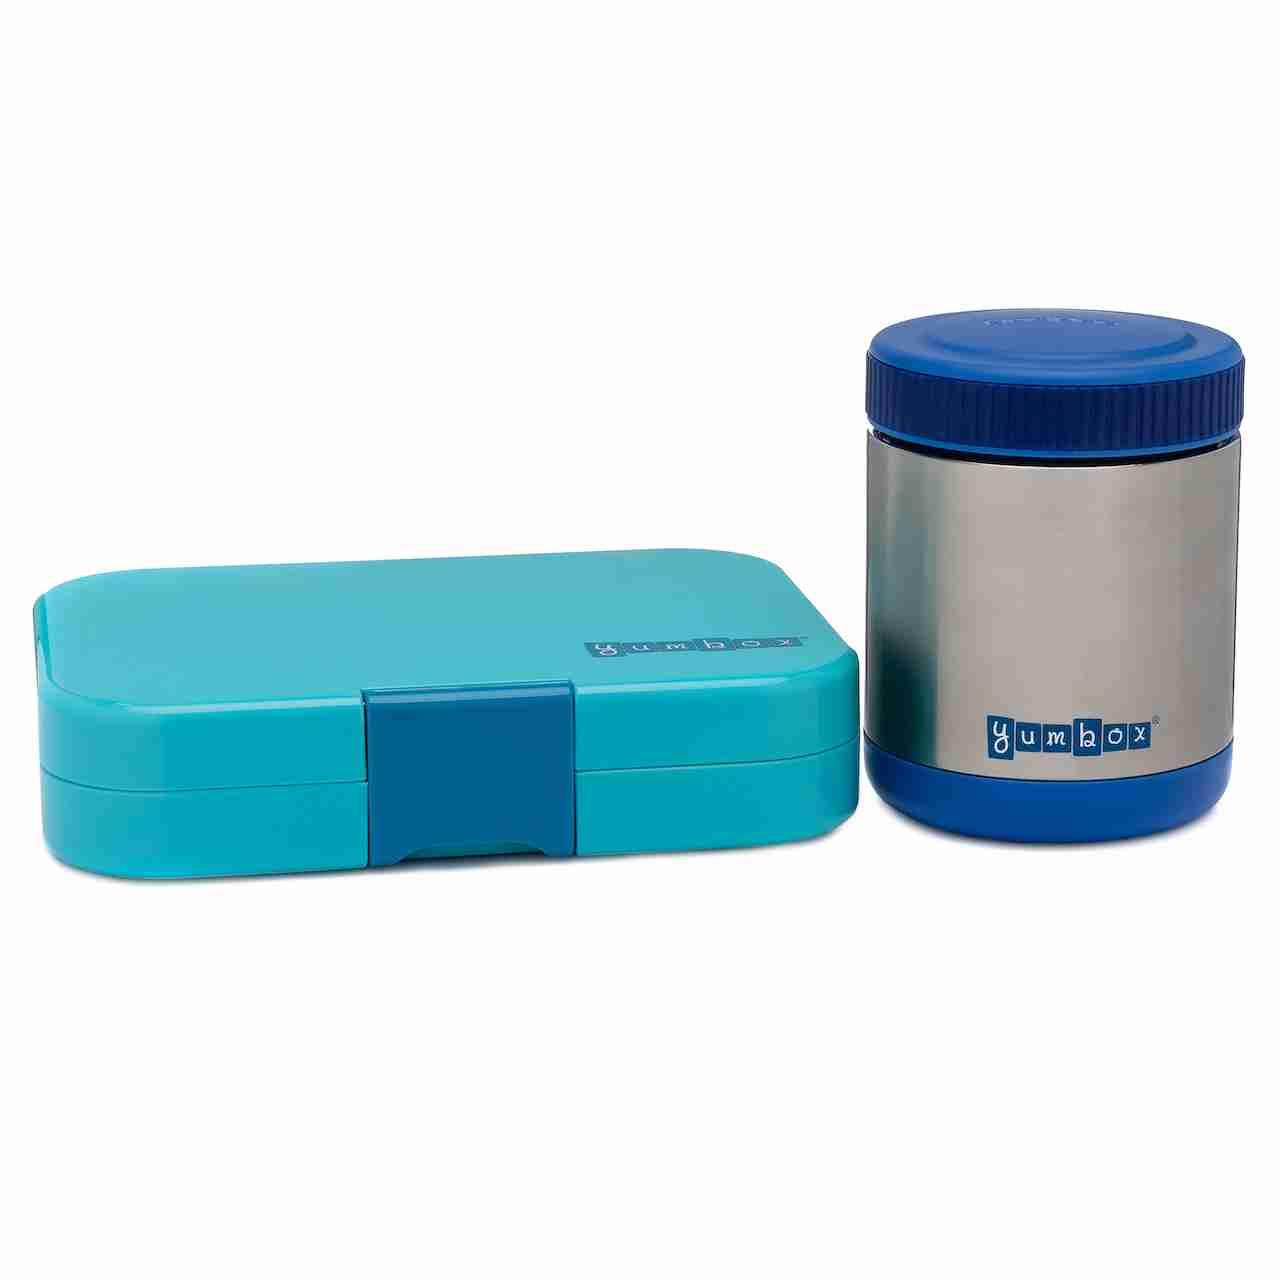 Yumbox Zuppa and Original - Neptune Blue